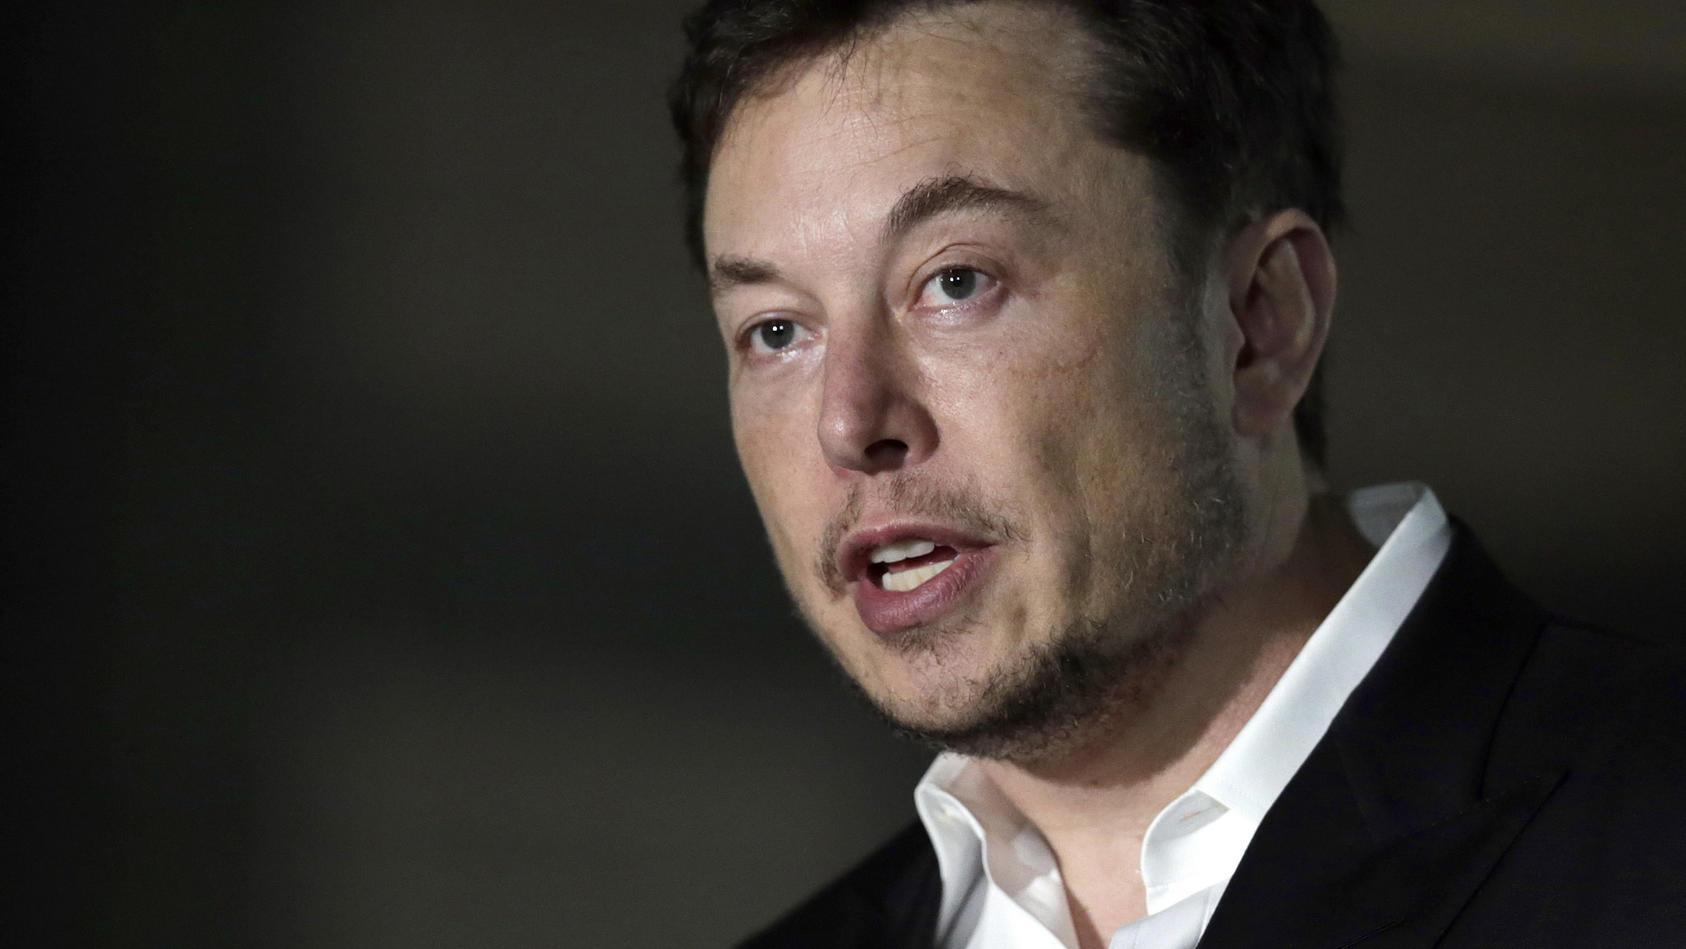 Elon Musk hat erneut sehr ehrgeizige Ziele, die wie aus einem Science-Fiction-Roman anmuten.